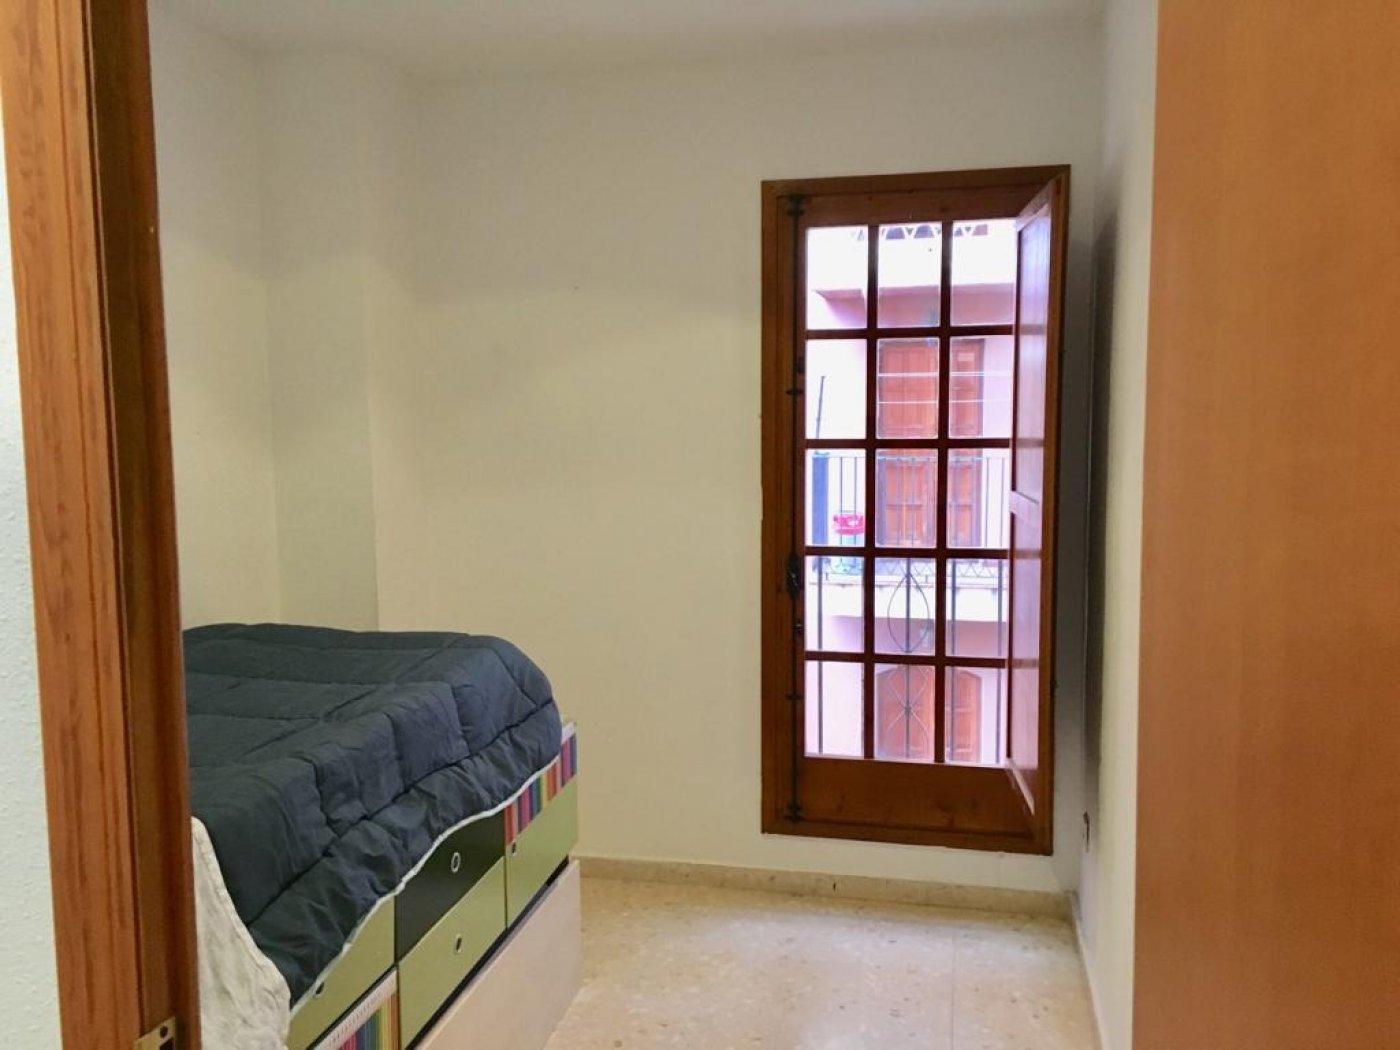 Estupendo apartamento en portsaplaya!!! - imagenInmueble16